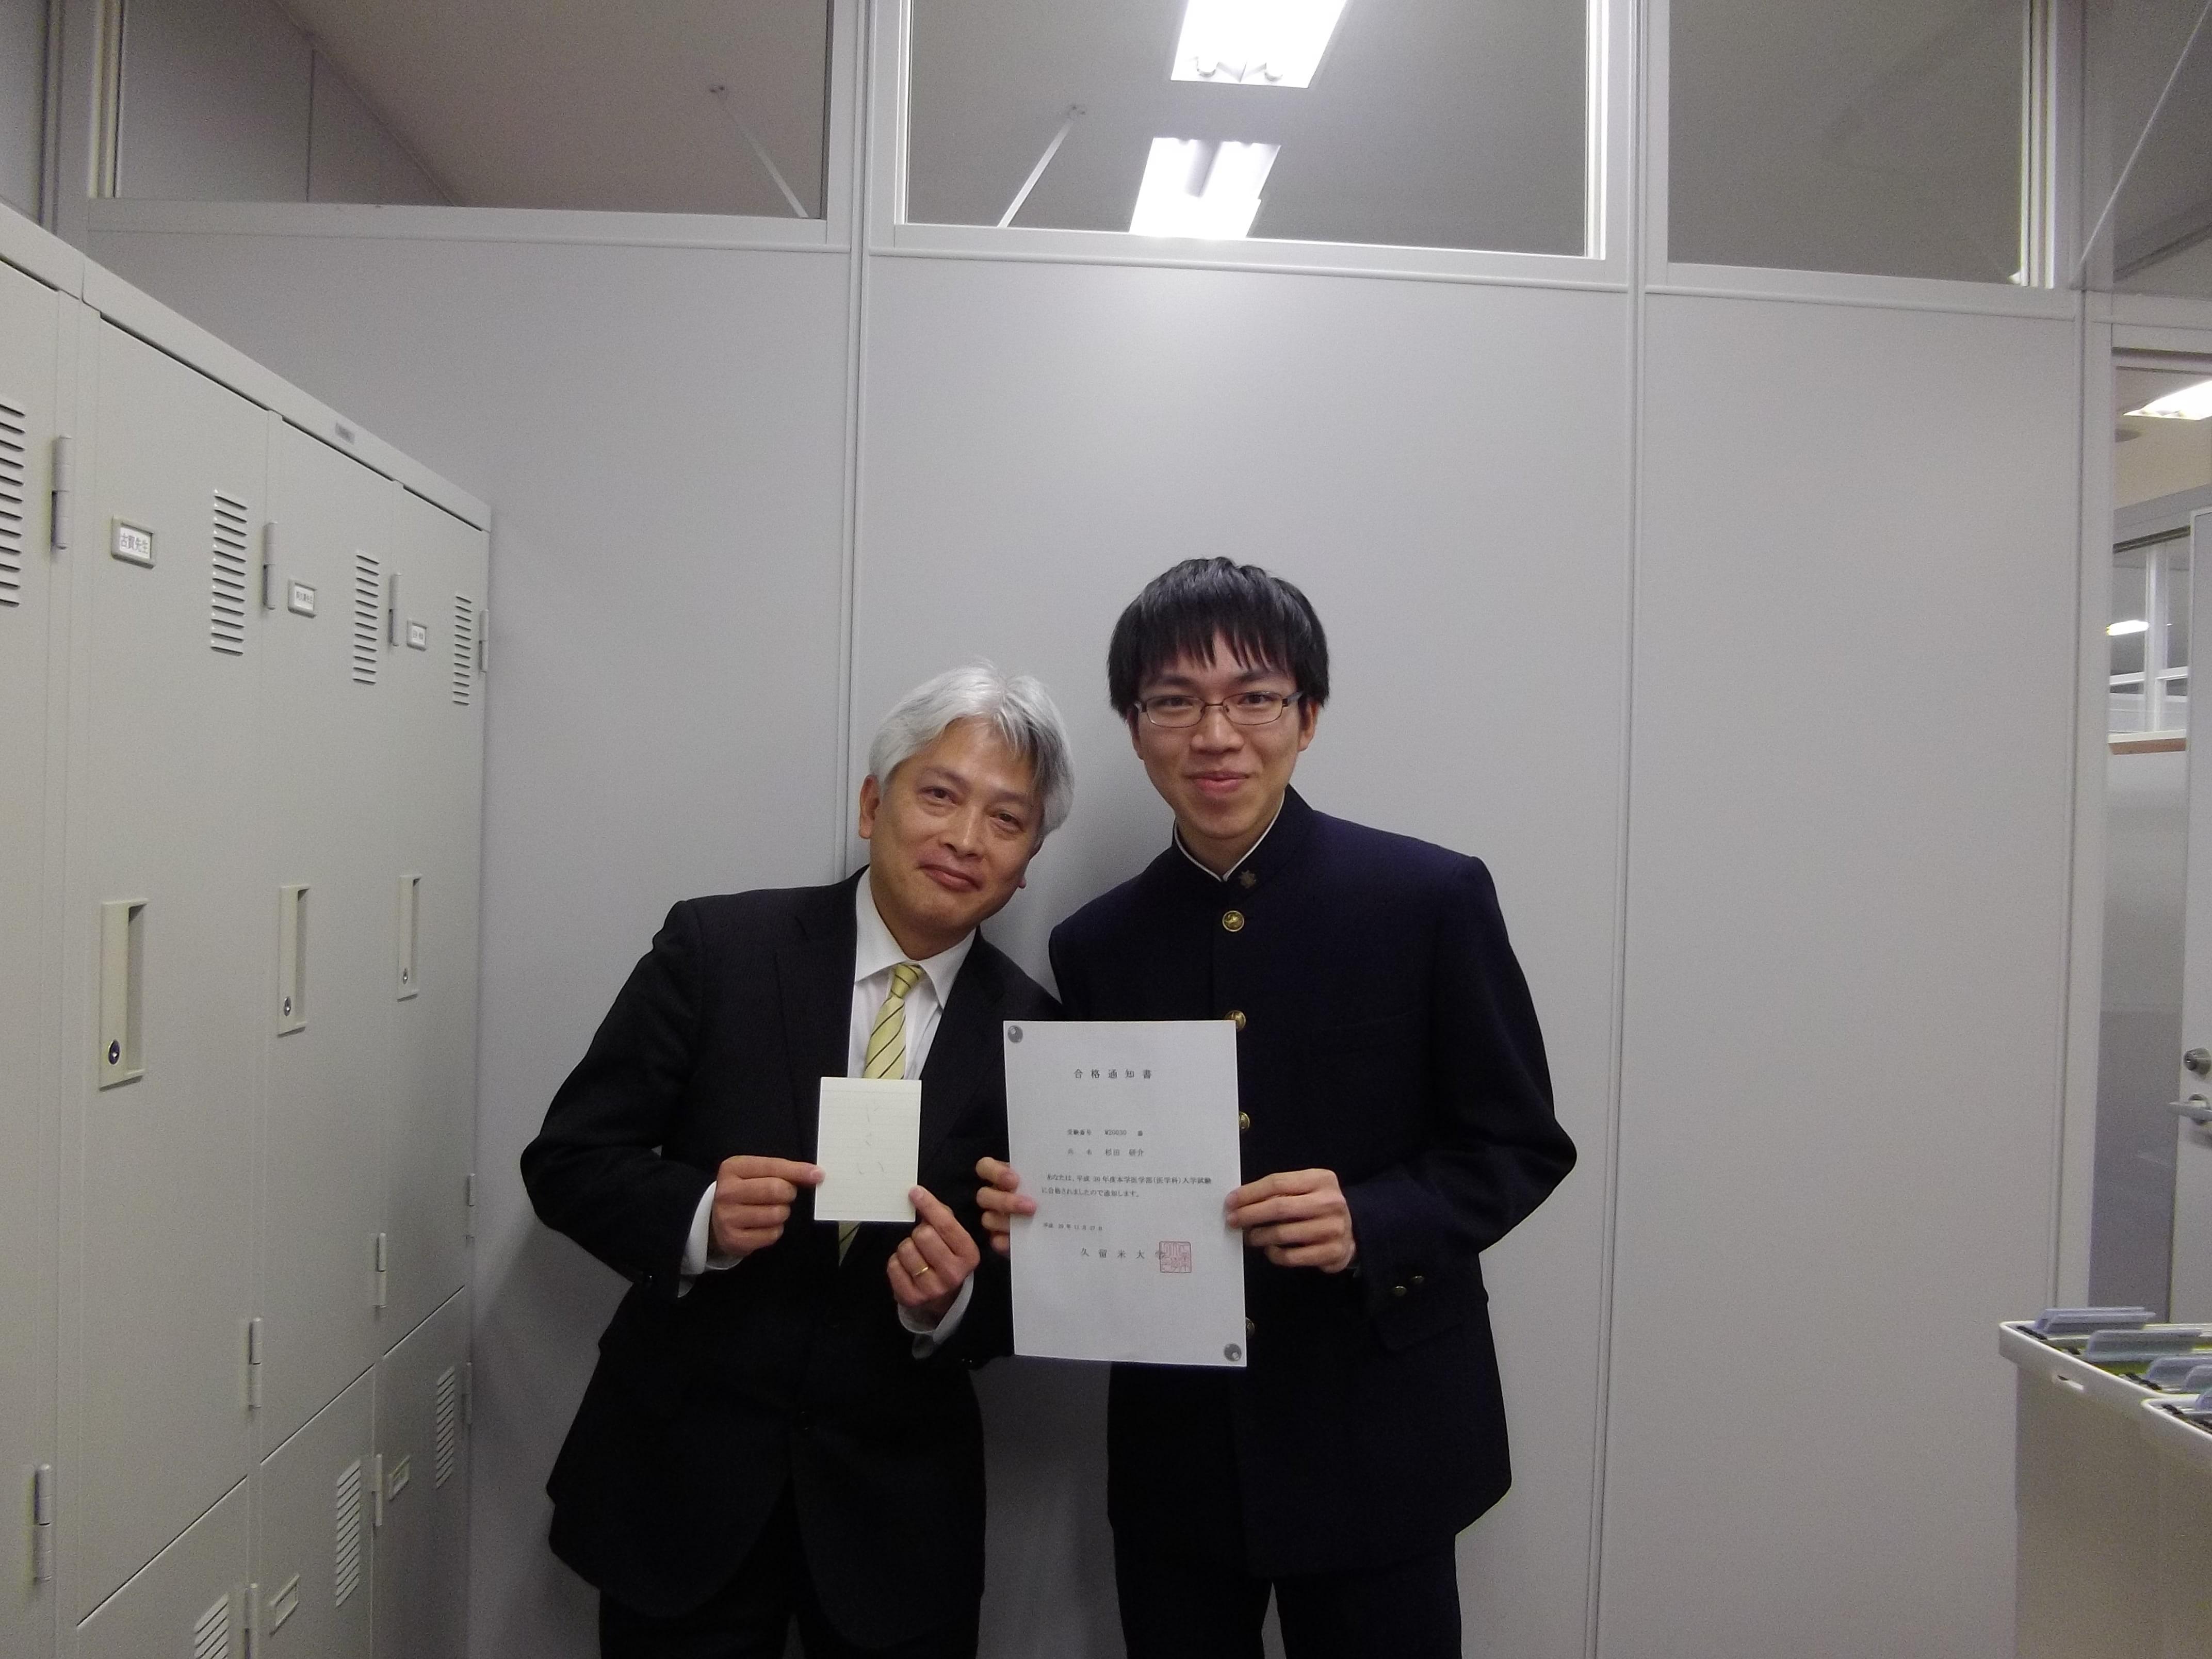 久留米大学(推薦入試)に合格した生徒さんが遊びに来てくれました。